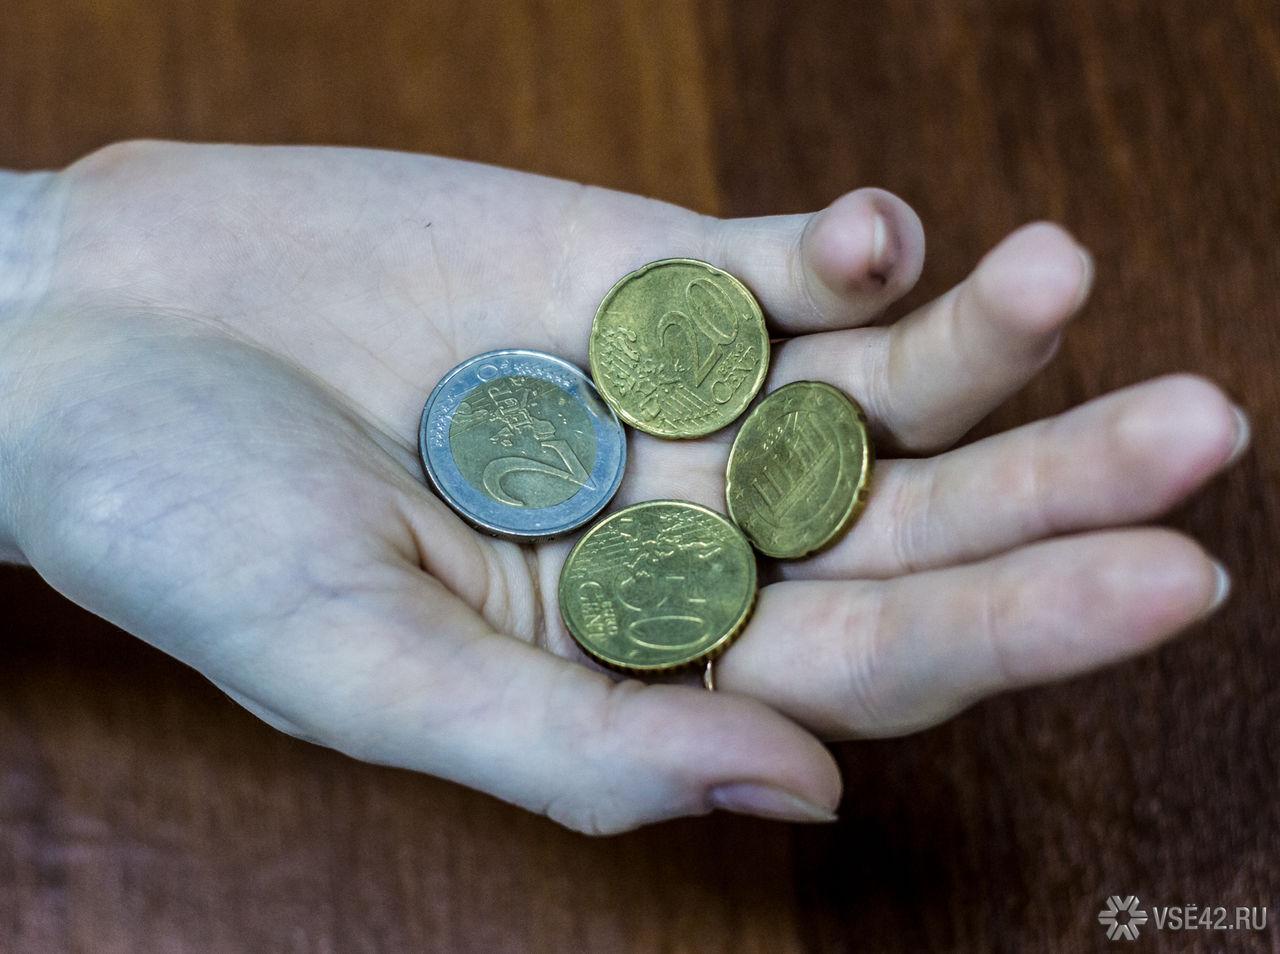 ВКузбассе определили величину прожиточного минимума затретий квартал